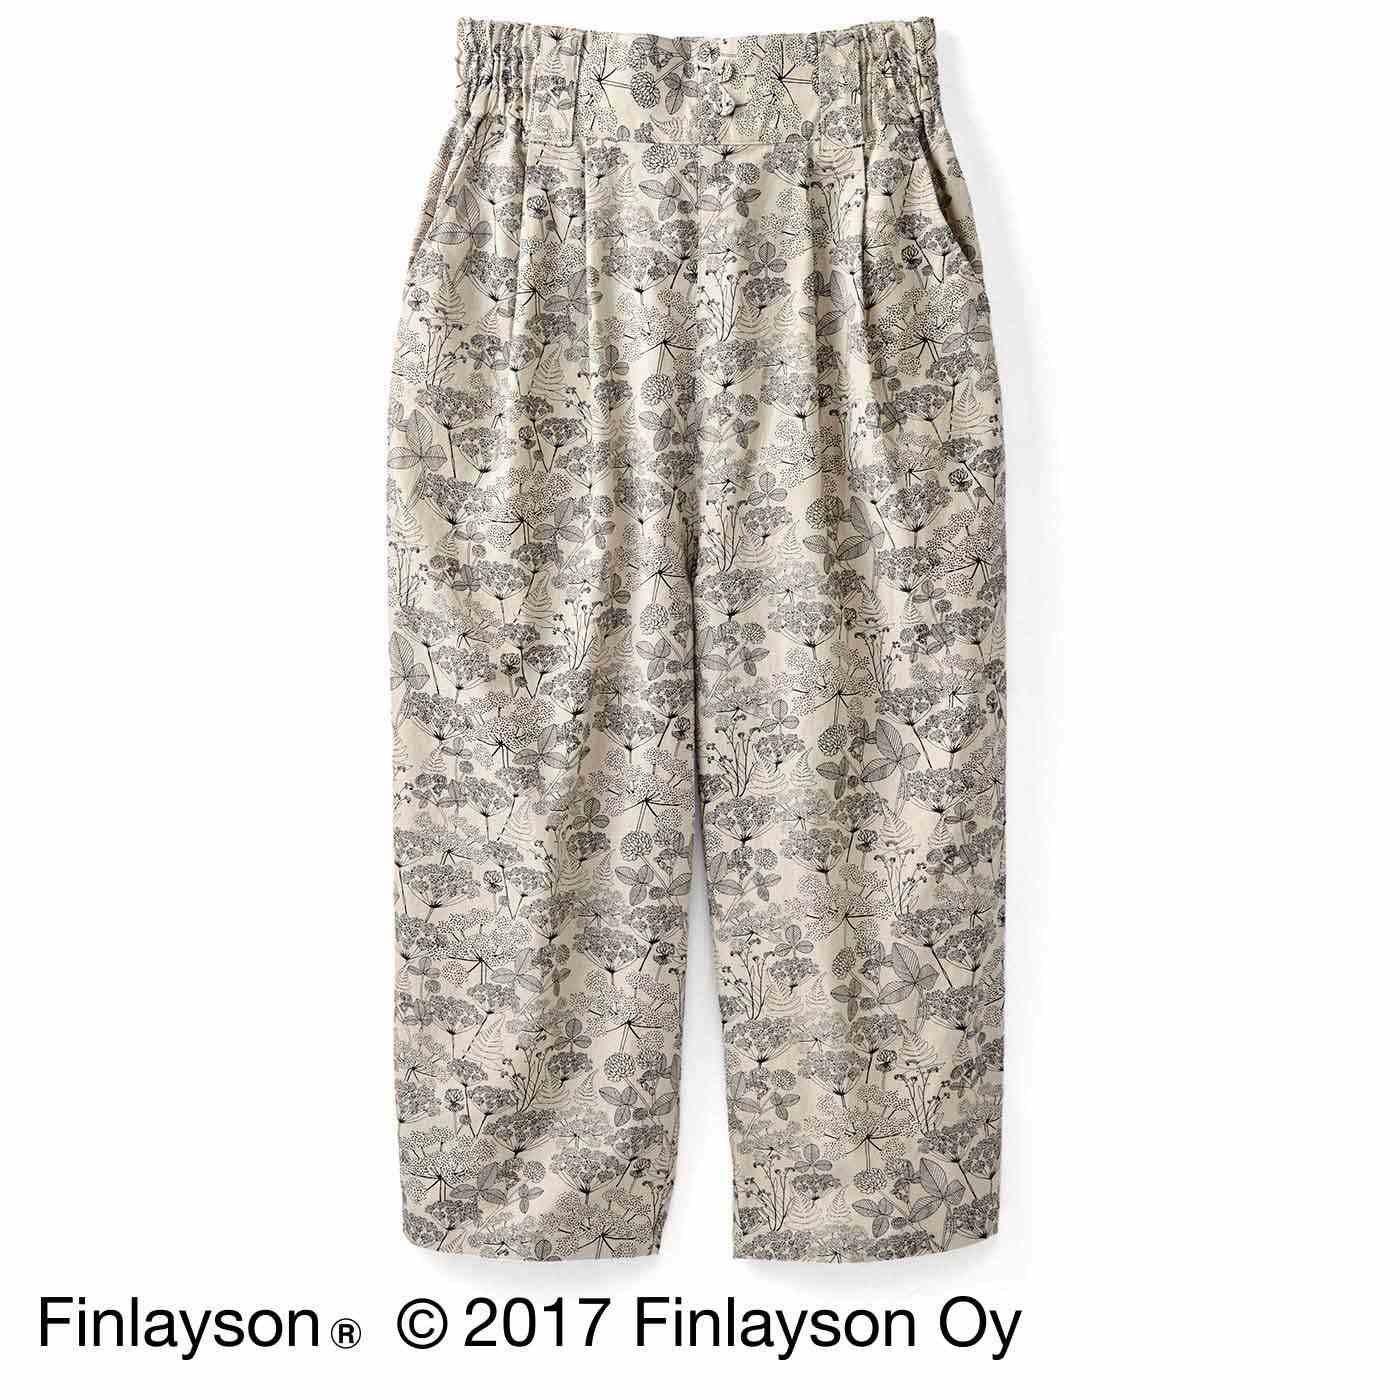 Finlayson フィンレイソン オトナカラーの麻混アンクルパンツ〈ニッティポルク〉